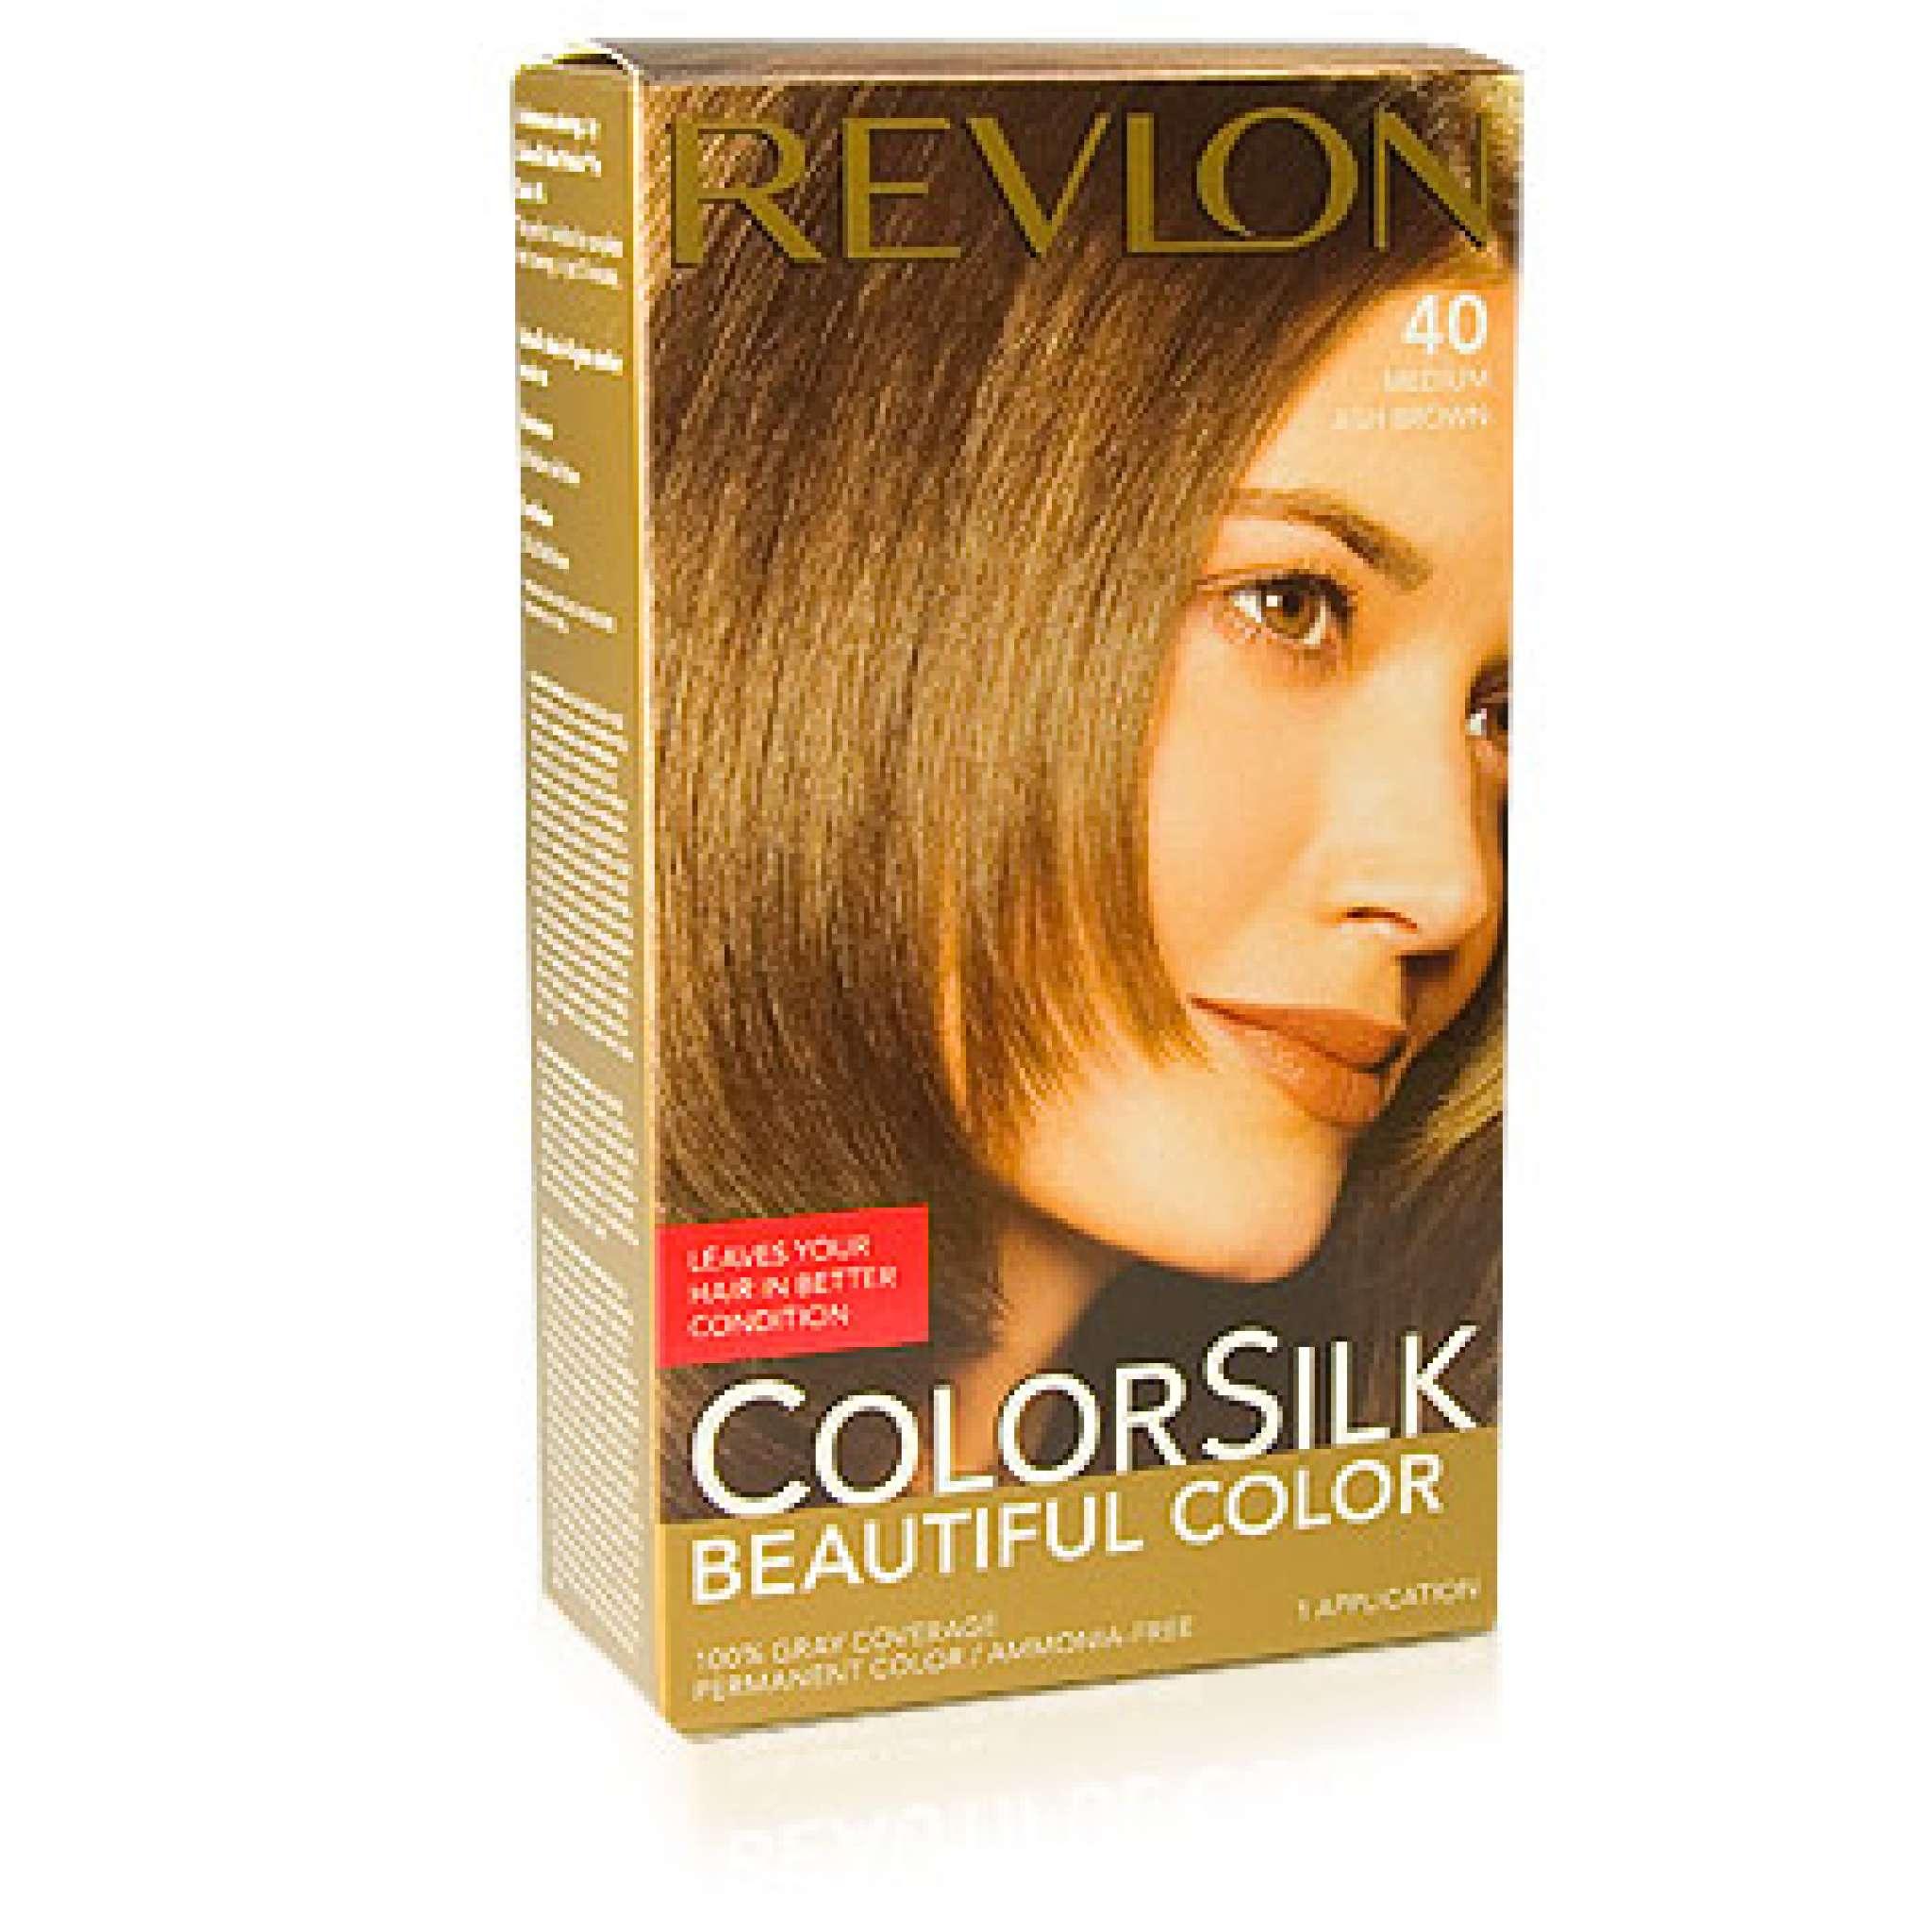 Revlon Colorsilk hårfarge